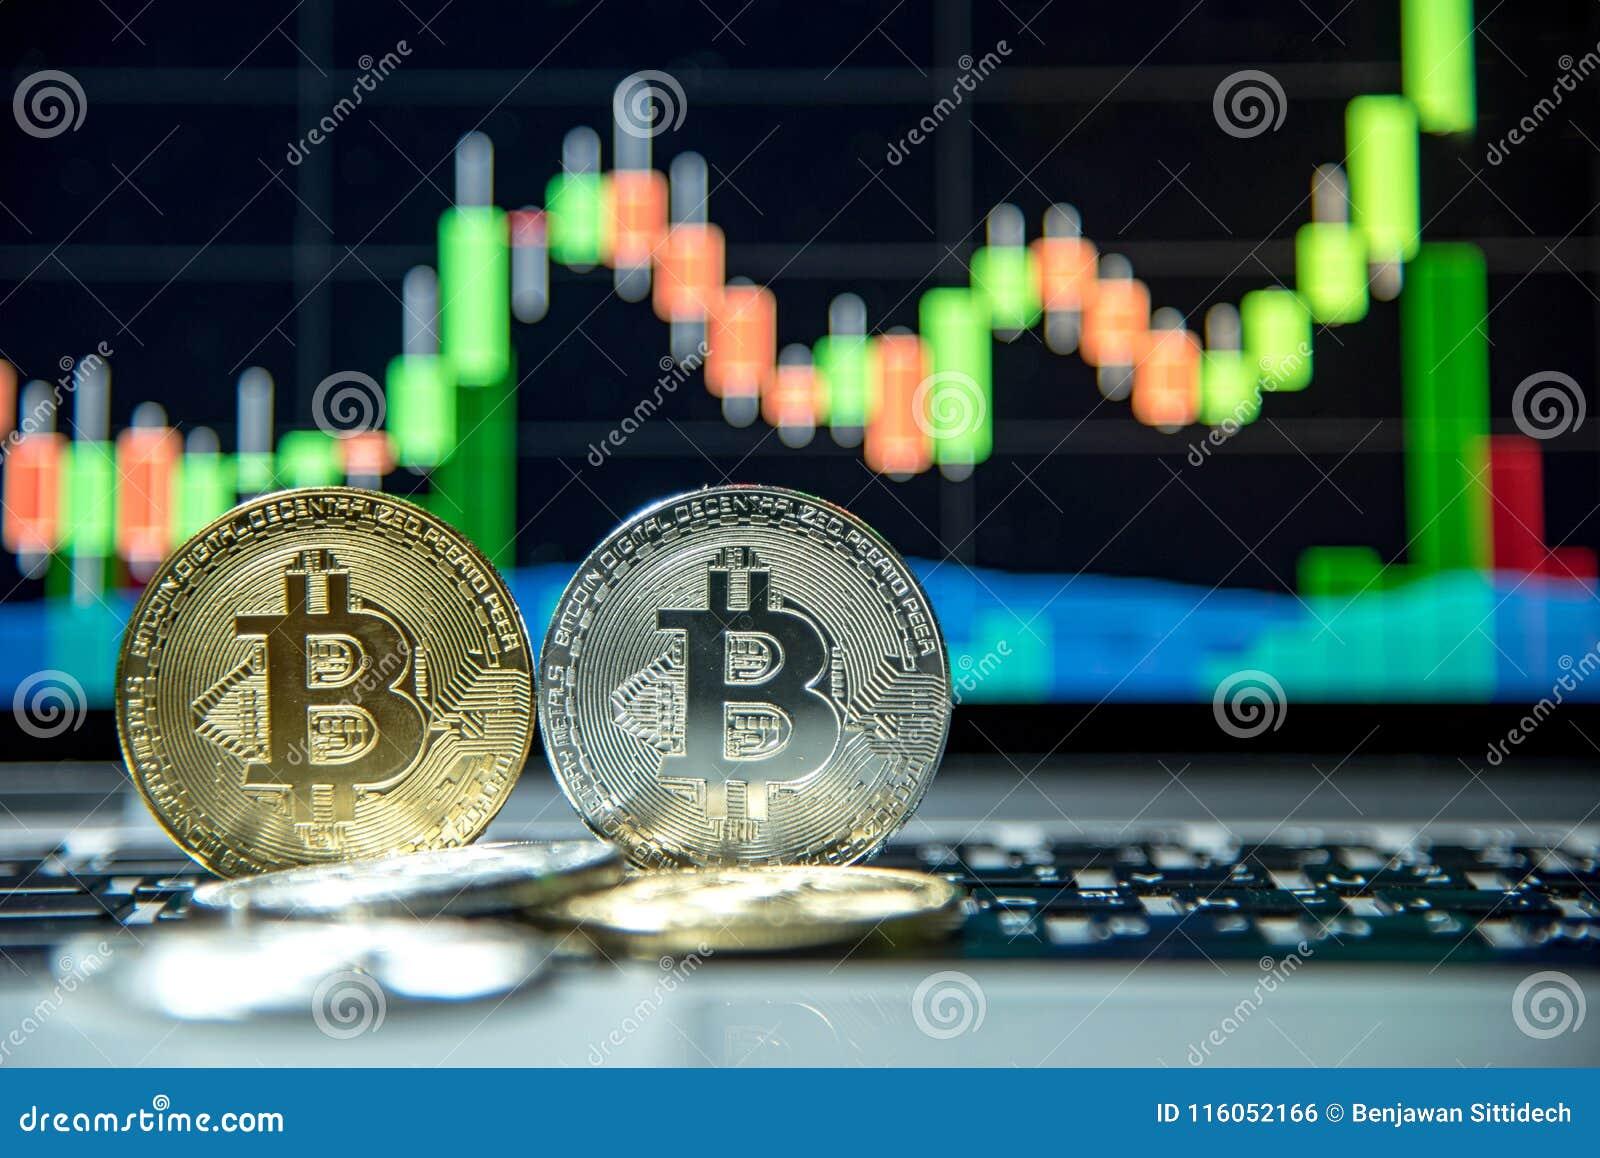 Bitcoin avec le graphique de chandelier, le cryptocurrency et le payme numérique